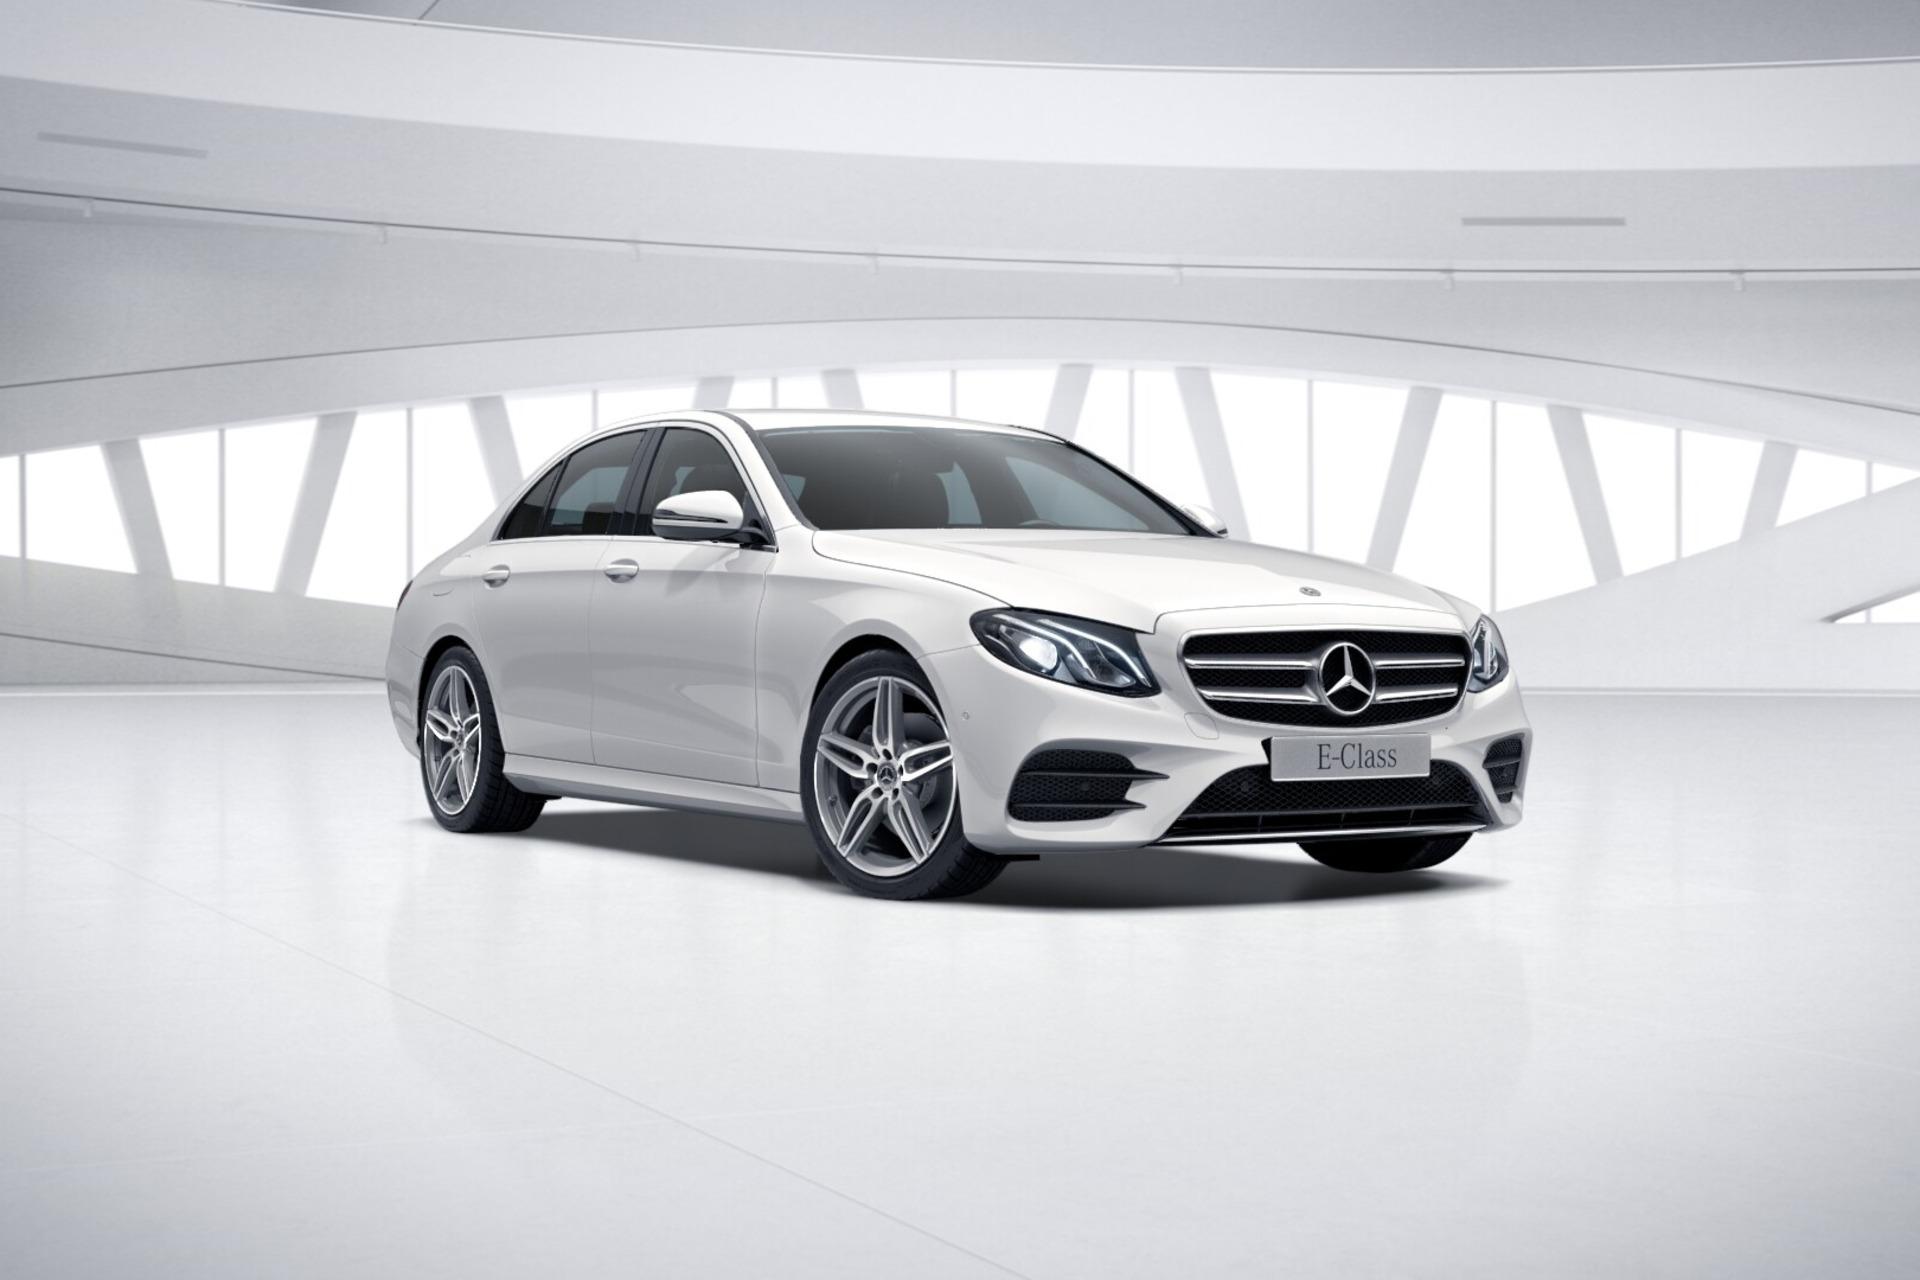 Mercedes-Benz E 180 952611409